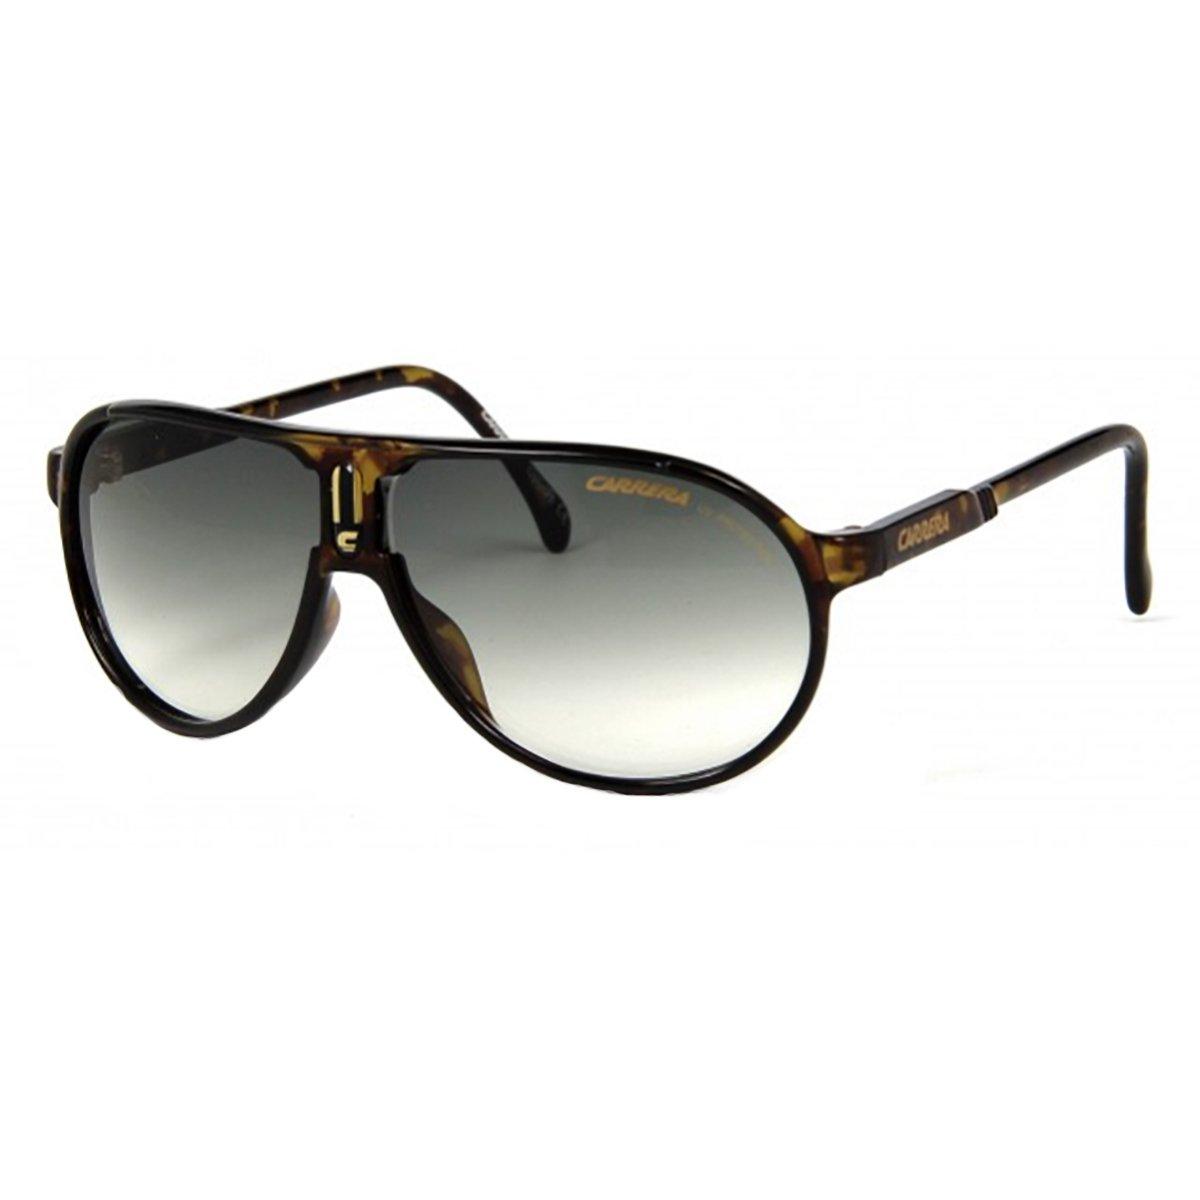 7381d6b53f05d Compre Óculos de Sol Carrera Champion Infantil em 10X